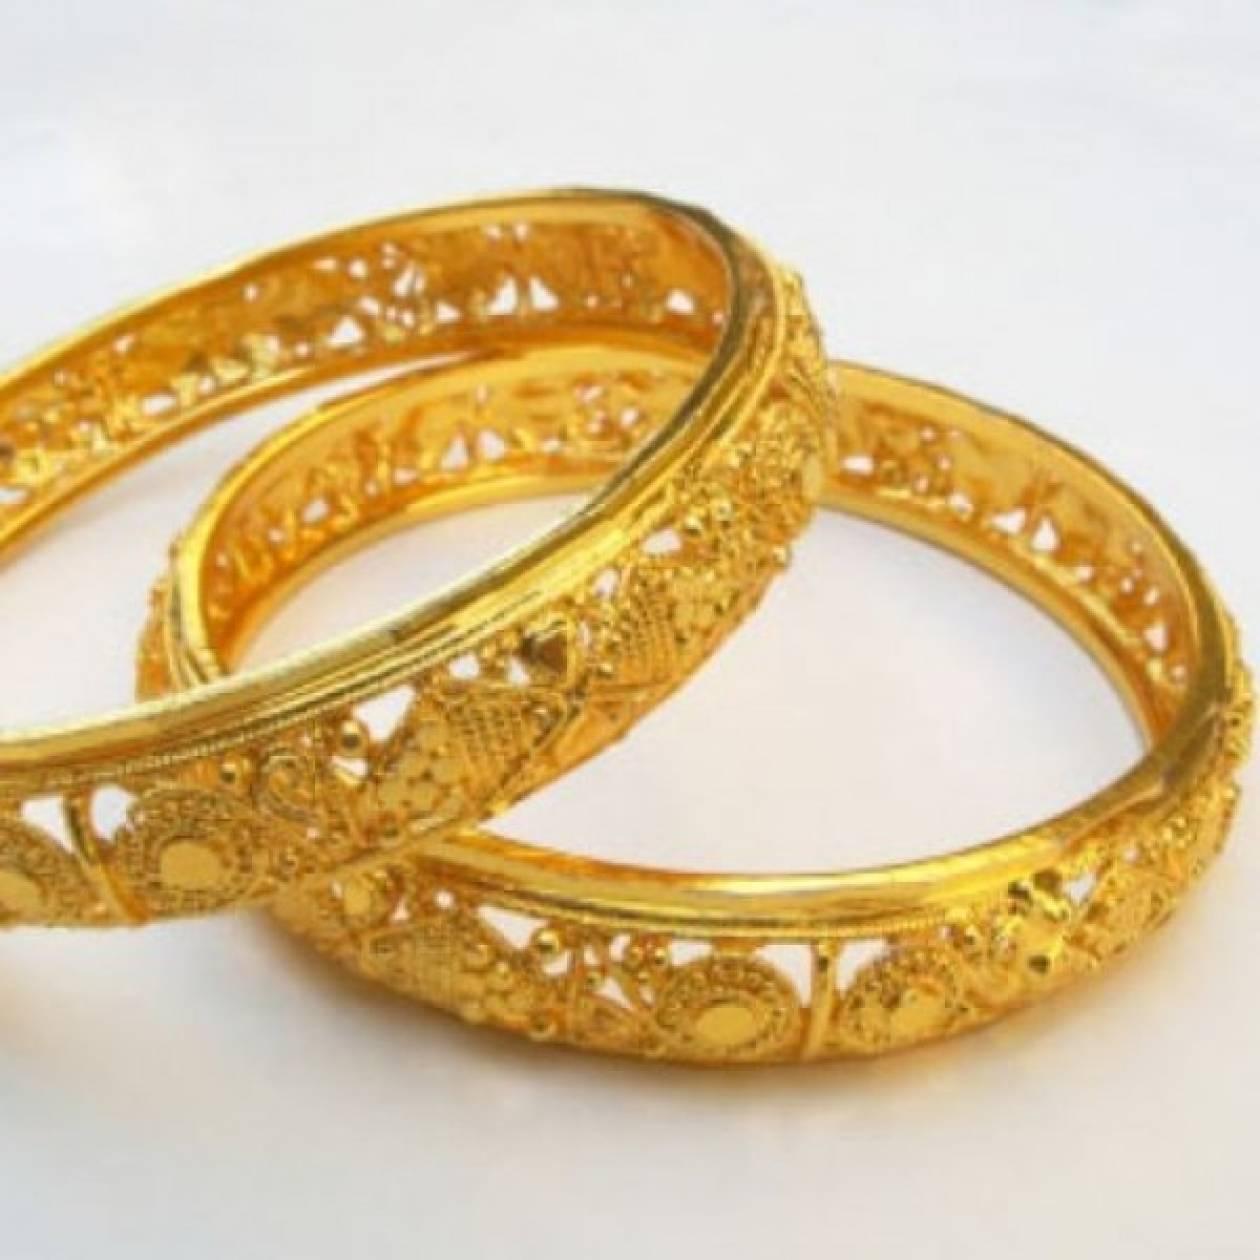 Πώς να κάνετε τα χρυσά σας κοσμήματα να λάμπουν